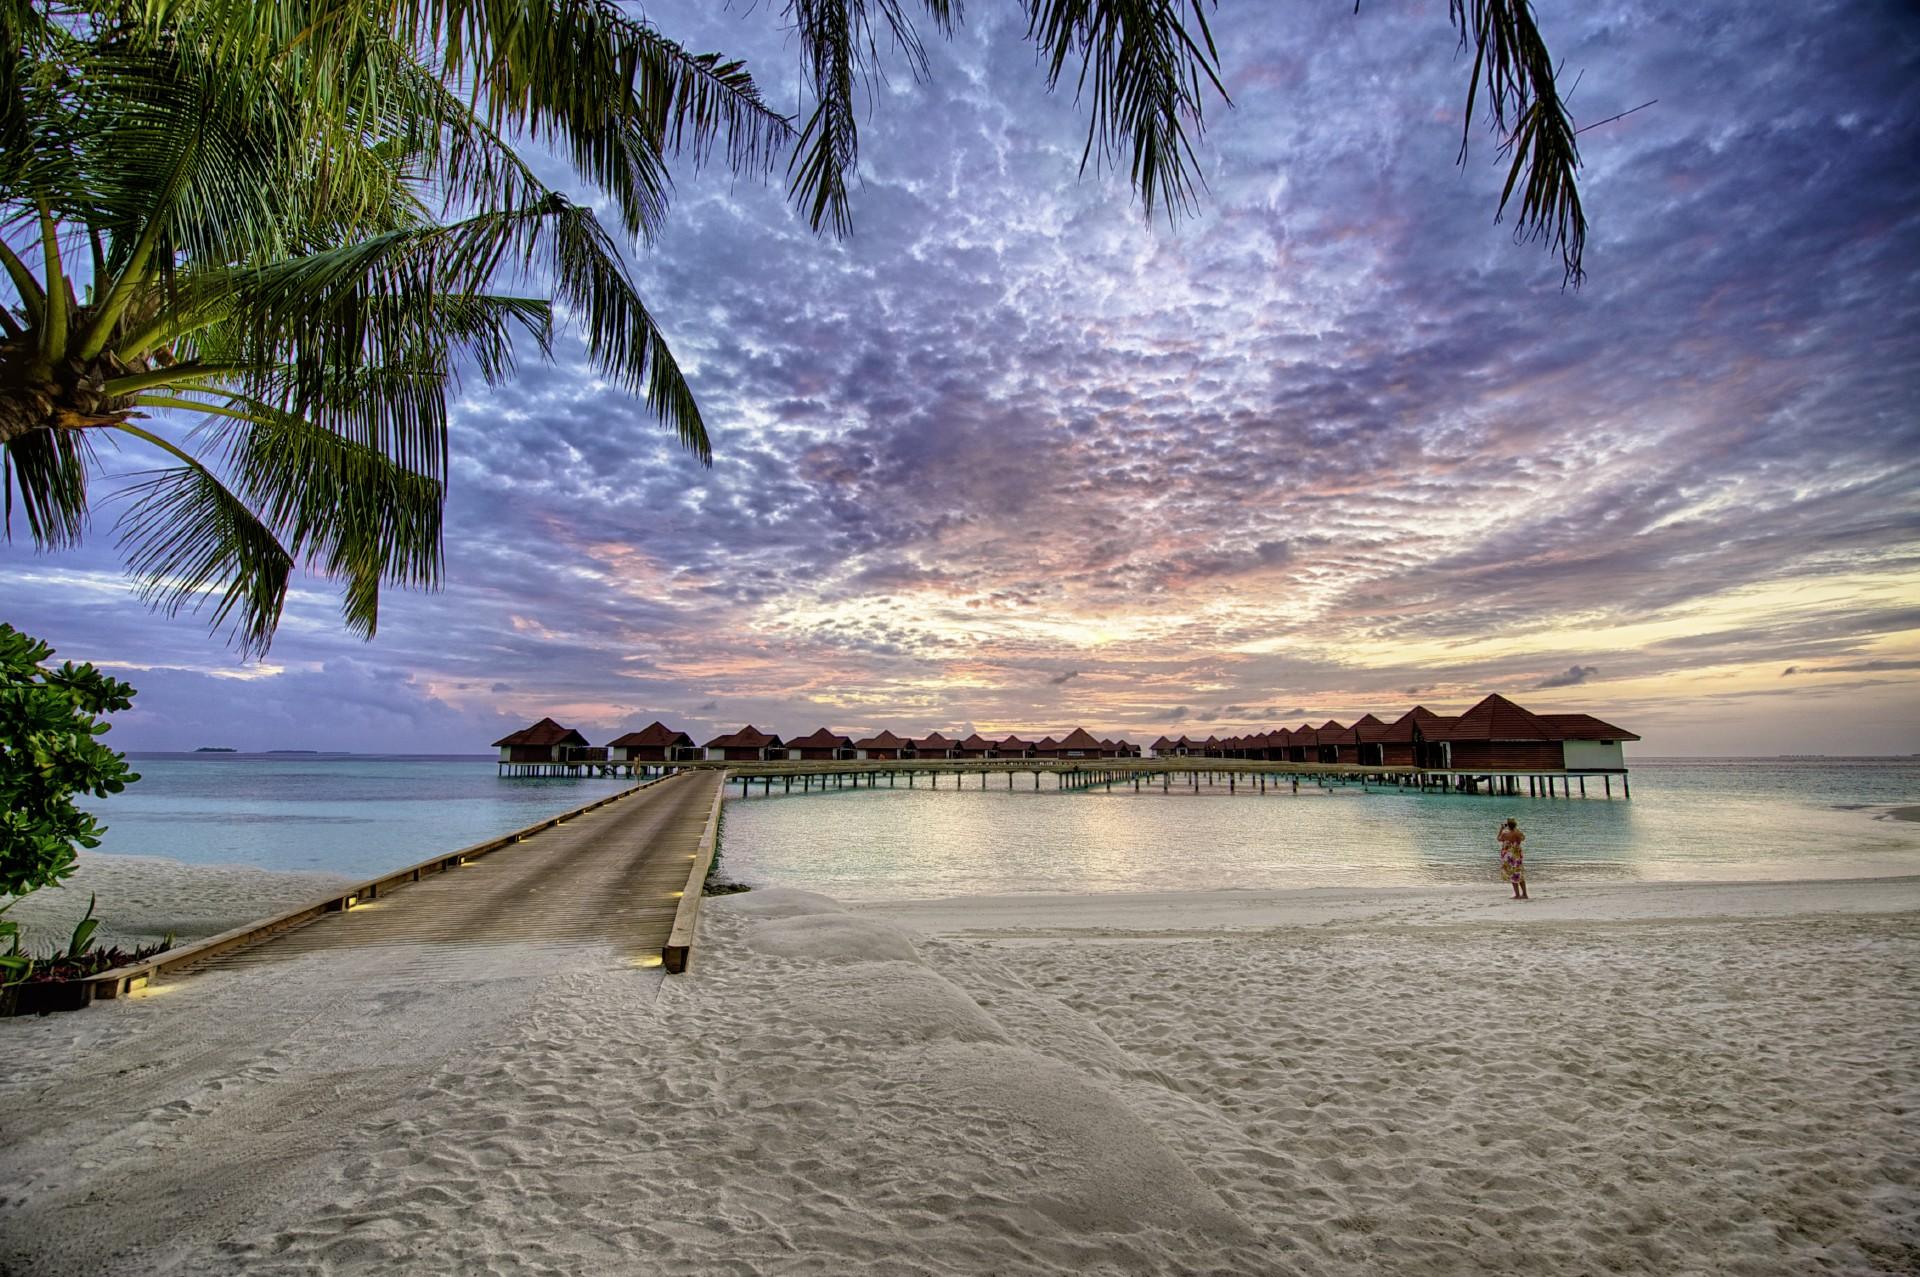 АКЦИЯ от туроператора Let`s Fly и сети отелей Robinson Maldives!